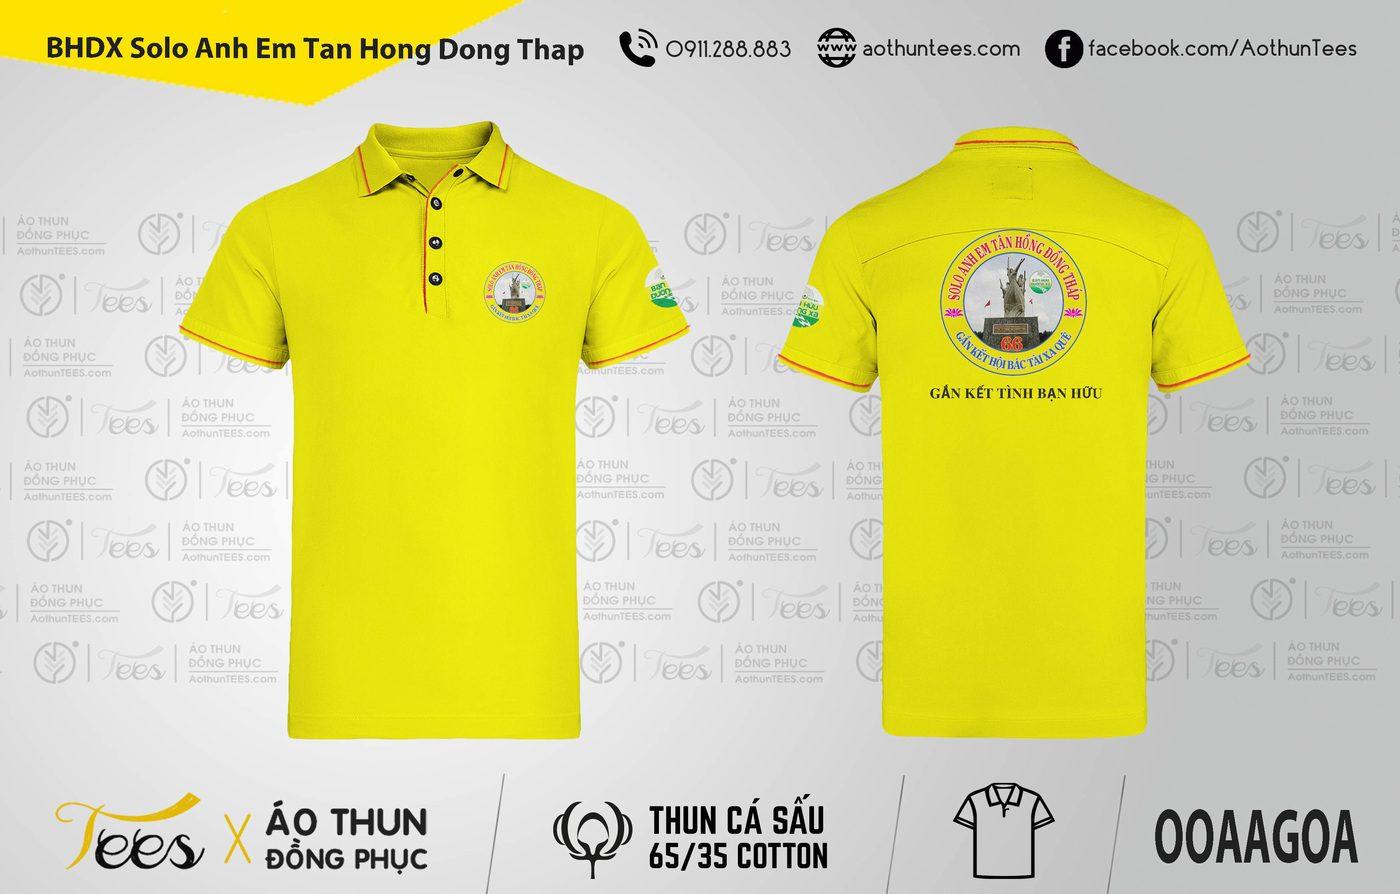 063. BHDX Solo Anh Em Tan Hong Dong Thap - Áo thun Bạn Hữu Đường Xa - Solo Anh em Tân Hồng Đồng Tháp